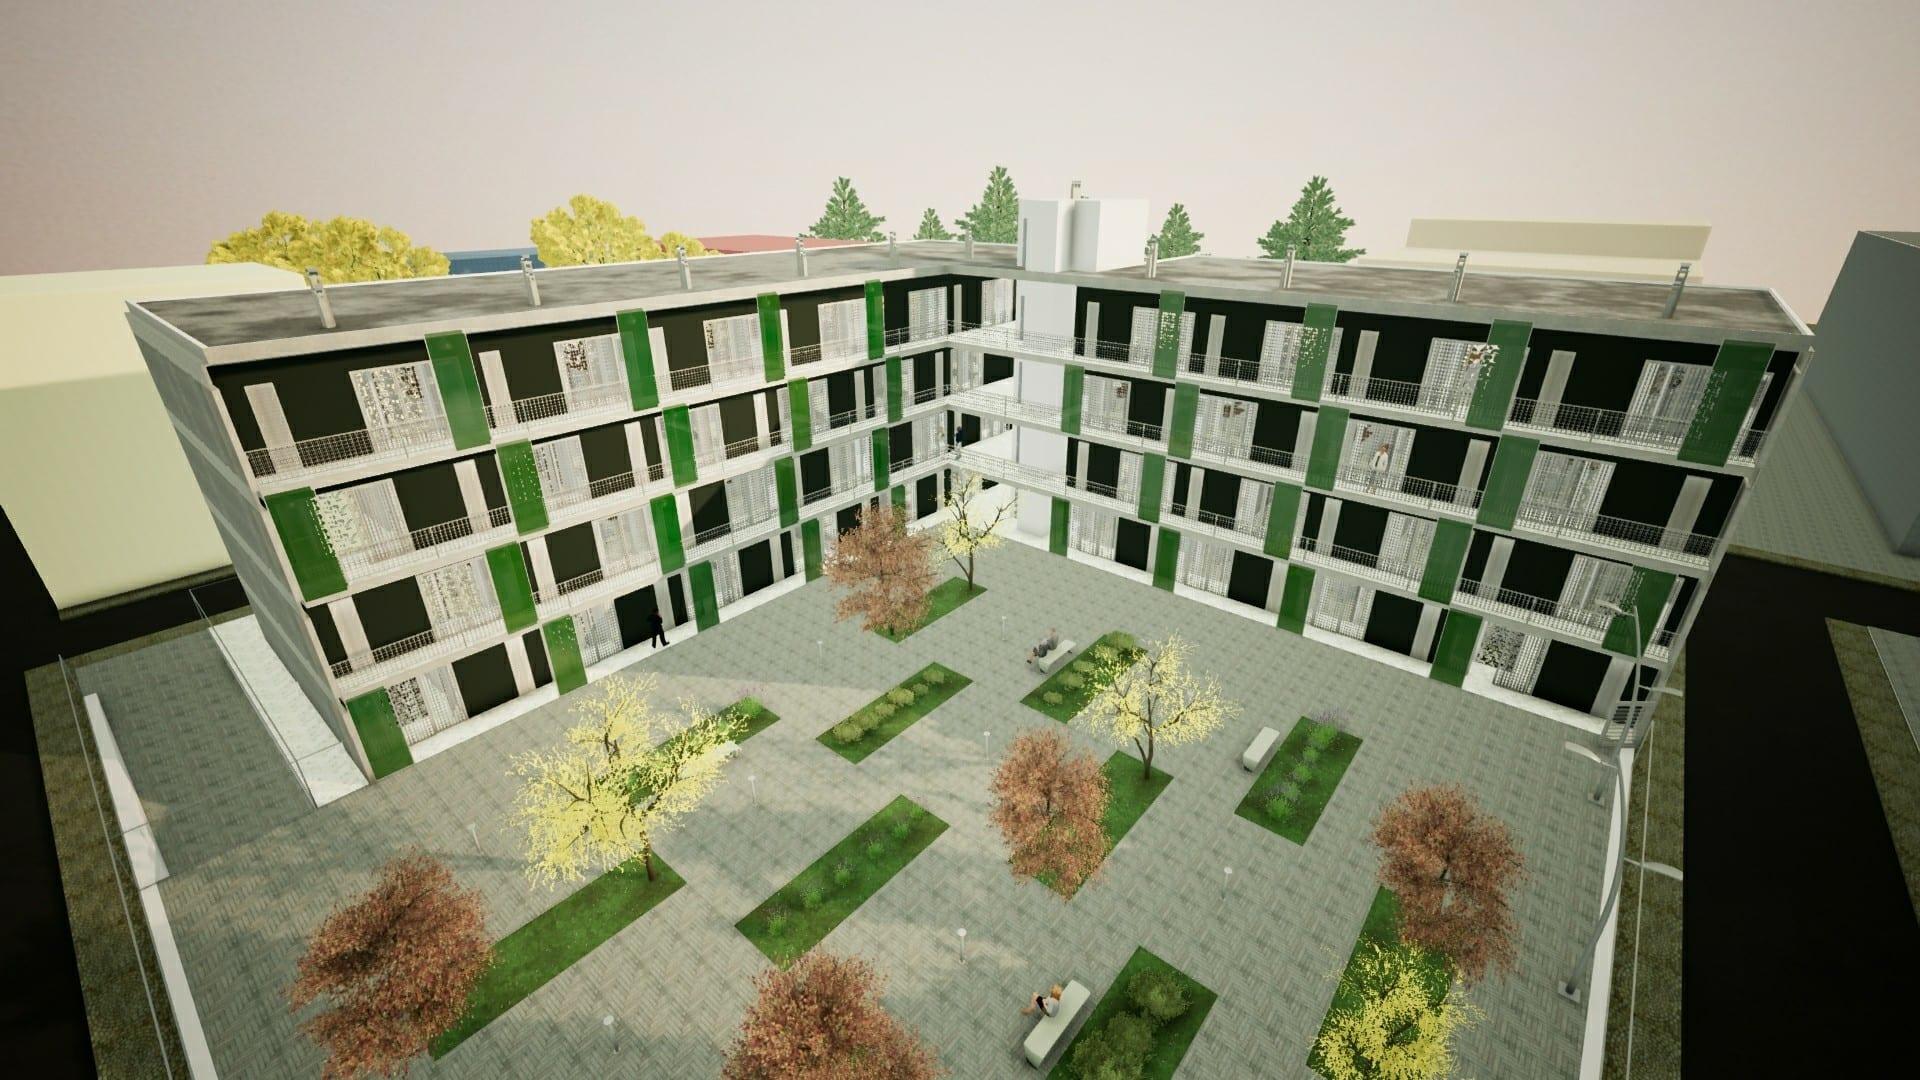 Casa di ringhiera progetti famosi disegni e modelli 3d for Case di casa